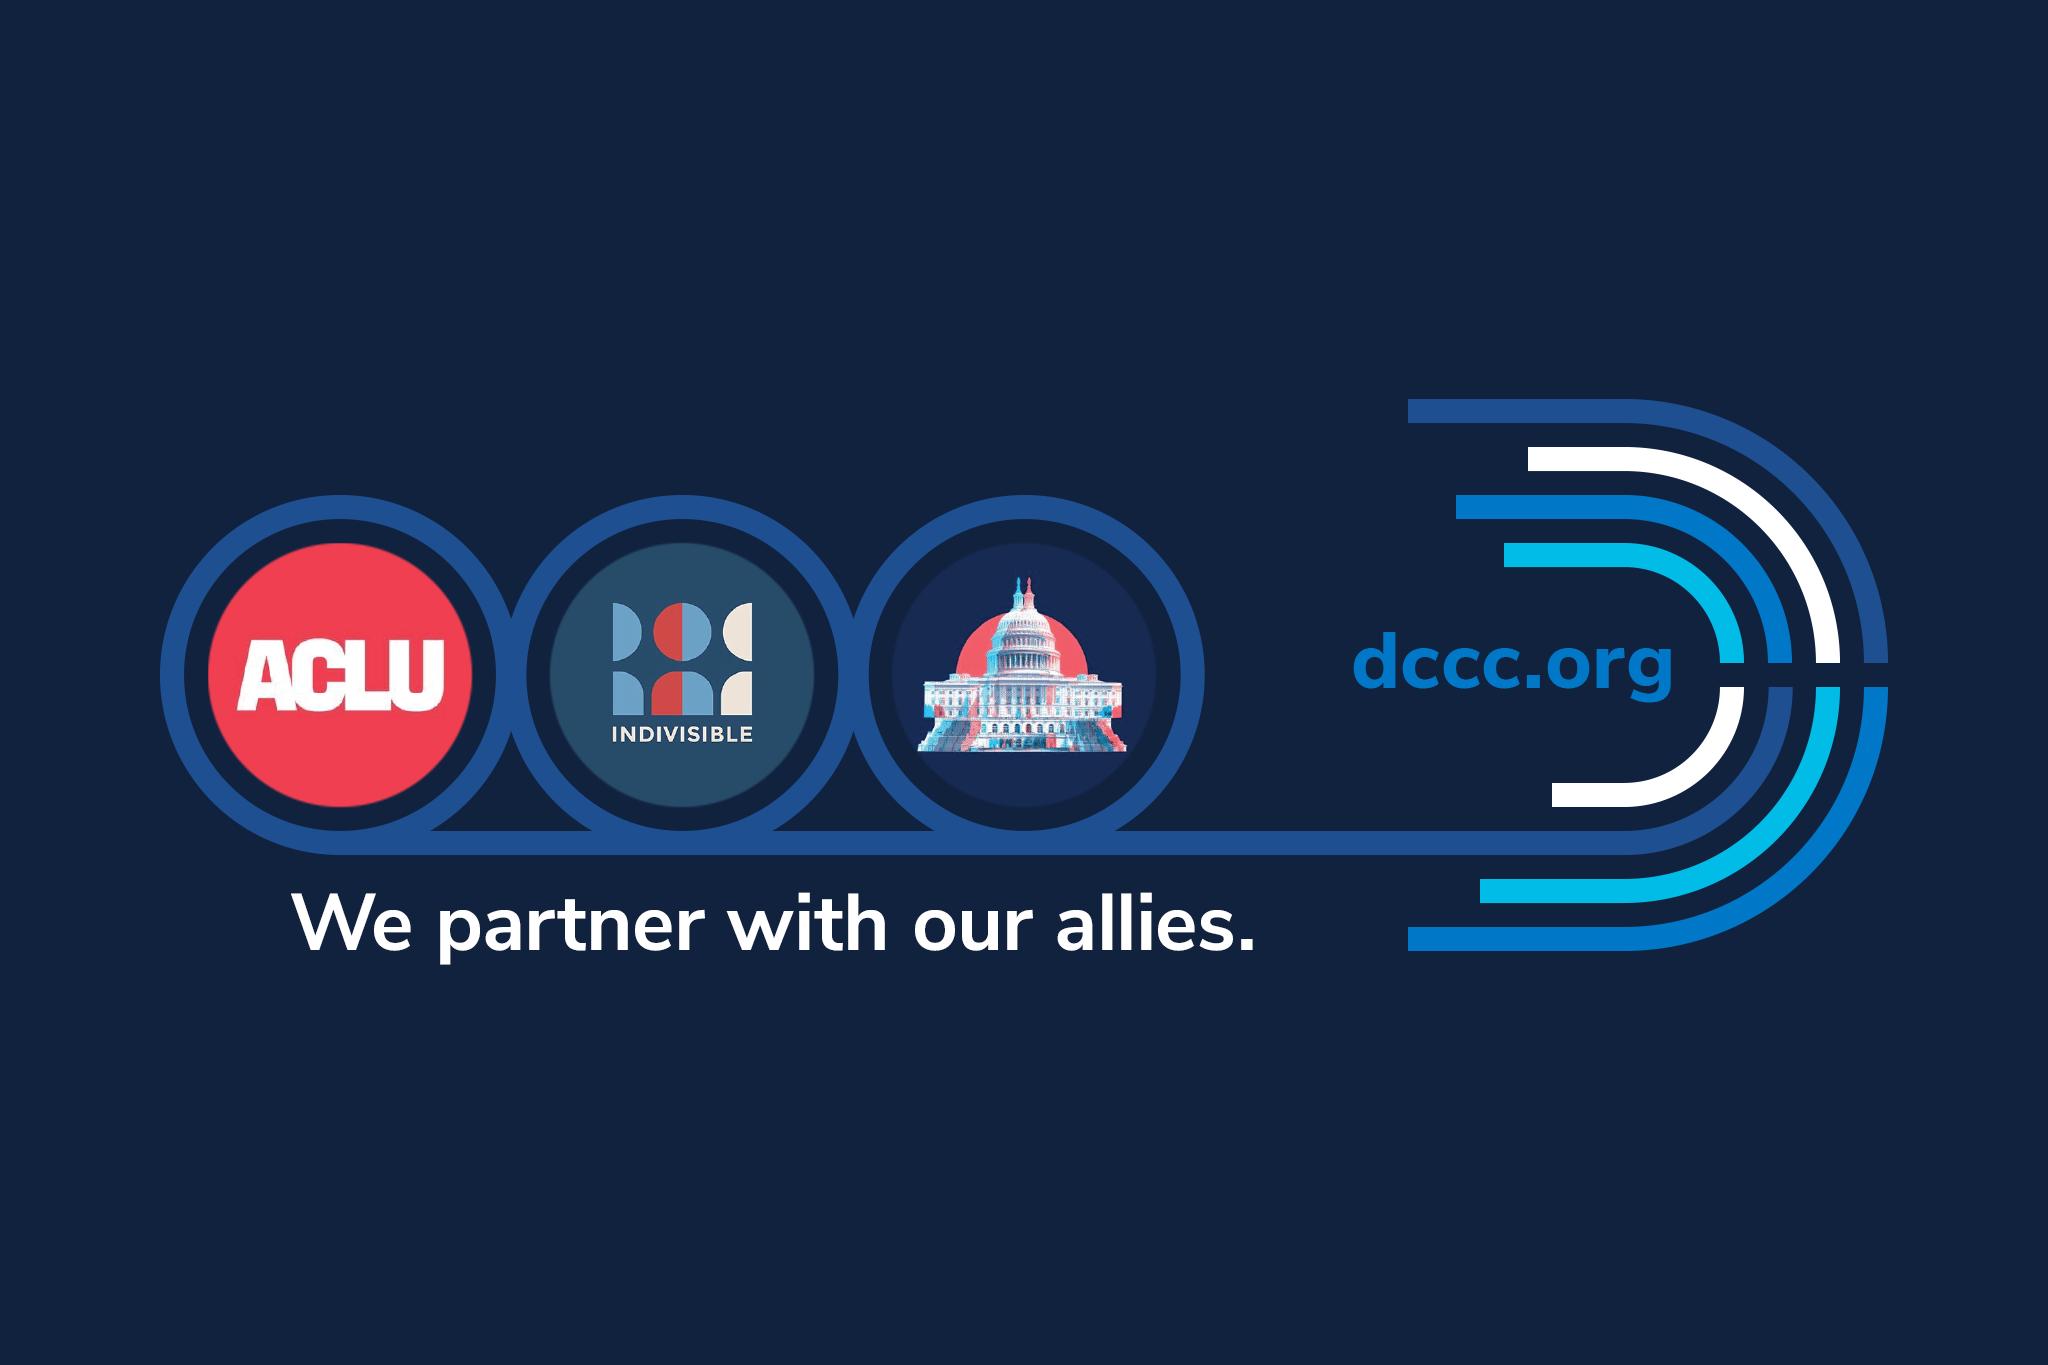 jkdc_dccc-vector-partners.png